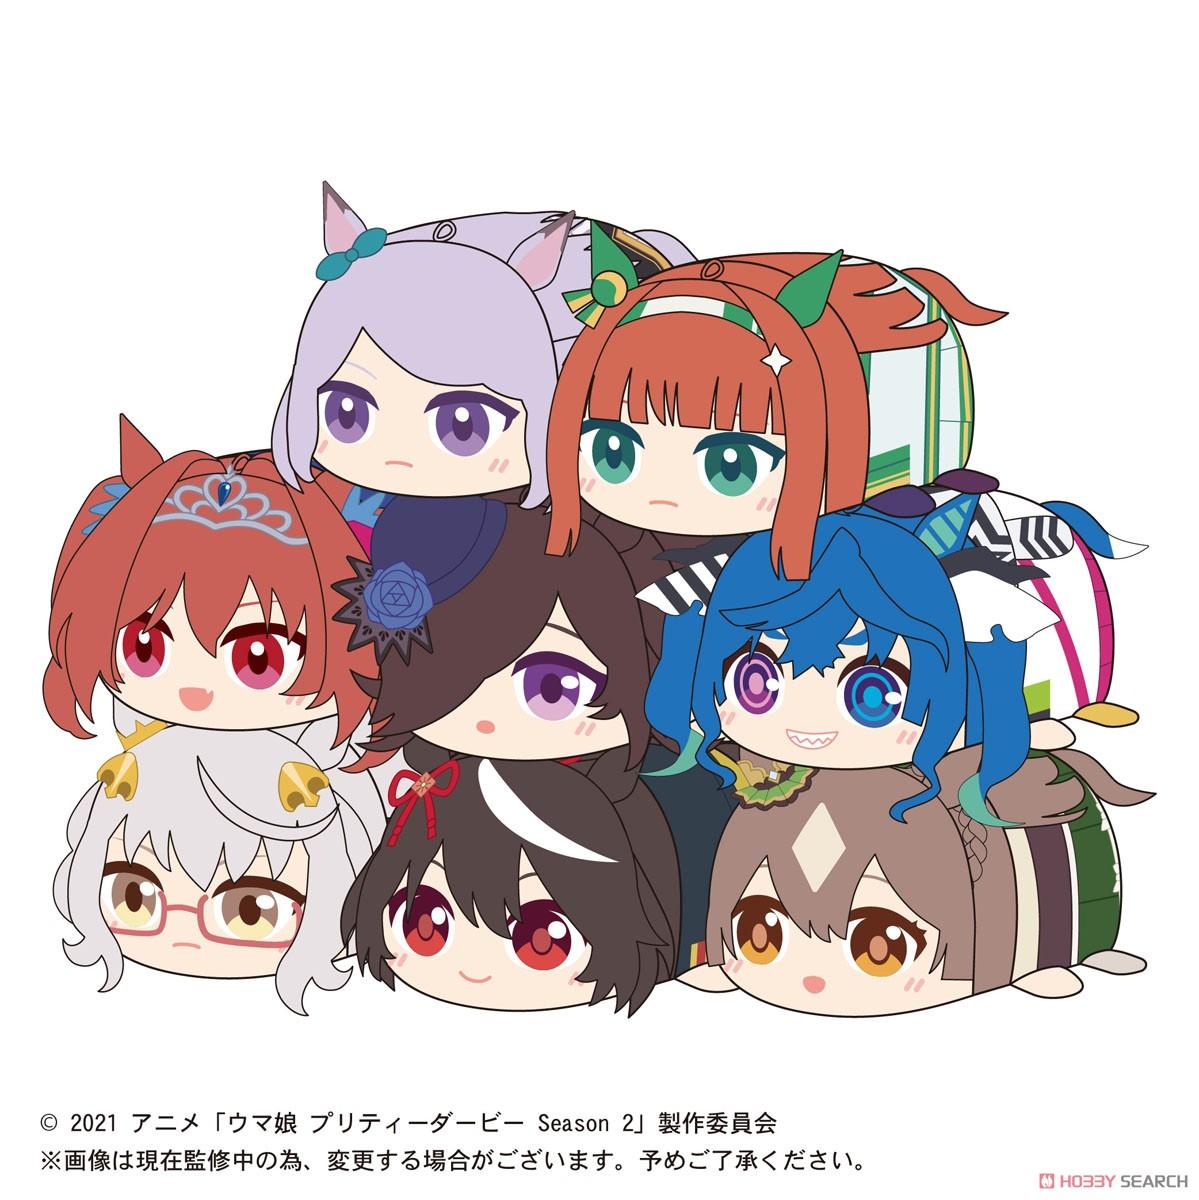 ウマ娘『TVアニメ ウマ娘 プリティーダービー Season2 ぽてコロマスコット』8個入りBOX-010